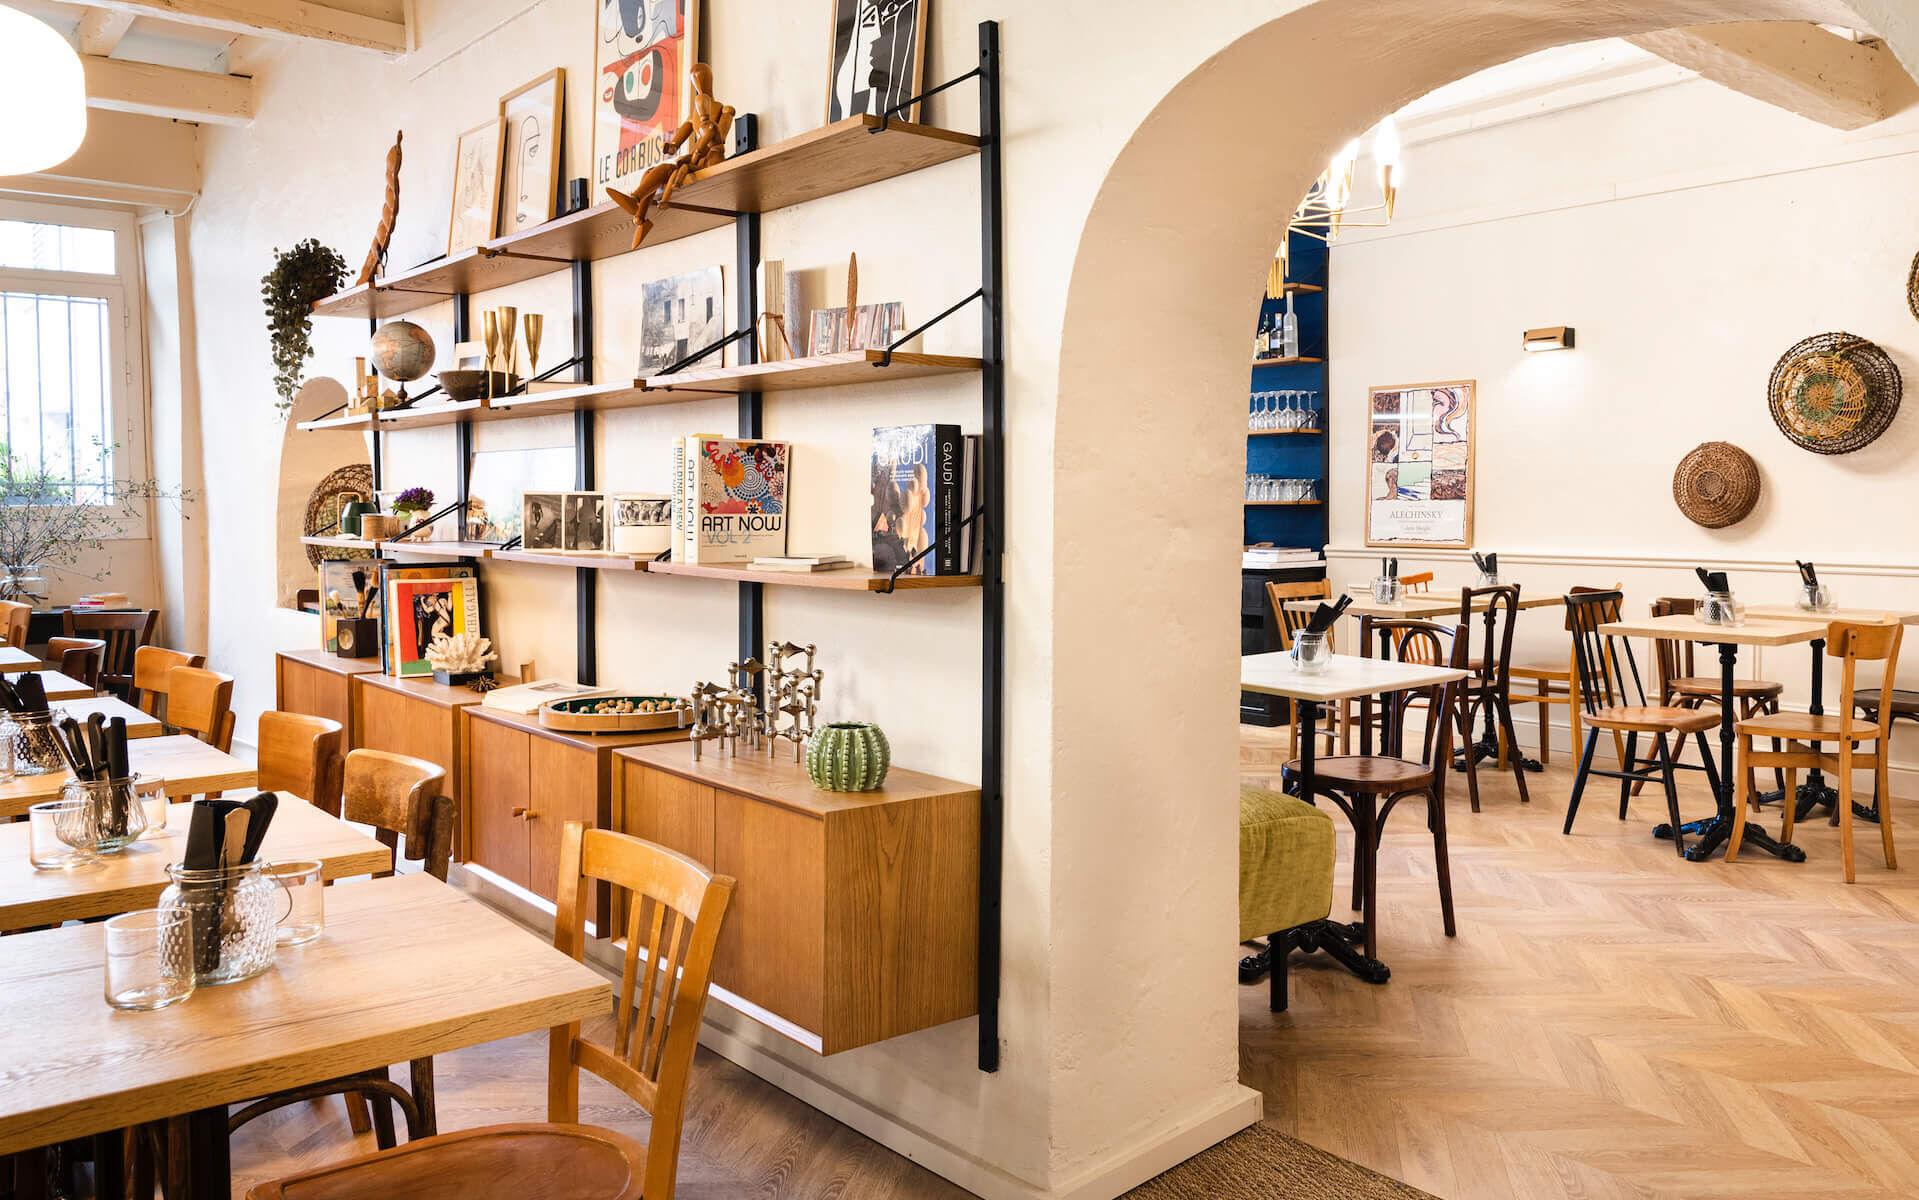 restaurant-Tête en l'air @Emmanuelle Braun-Toulouse